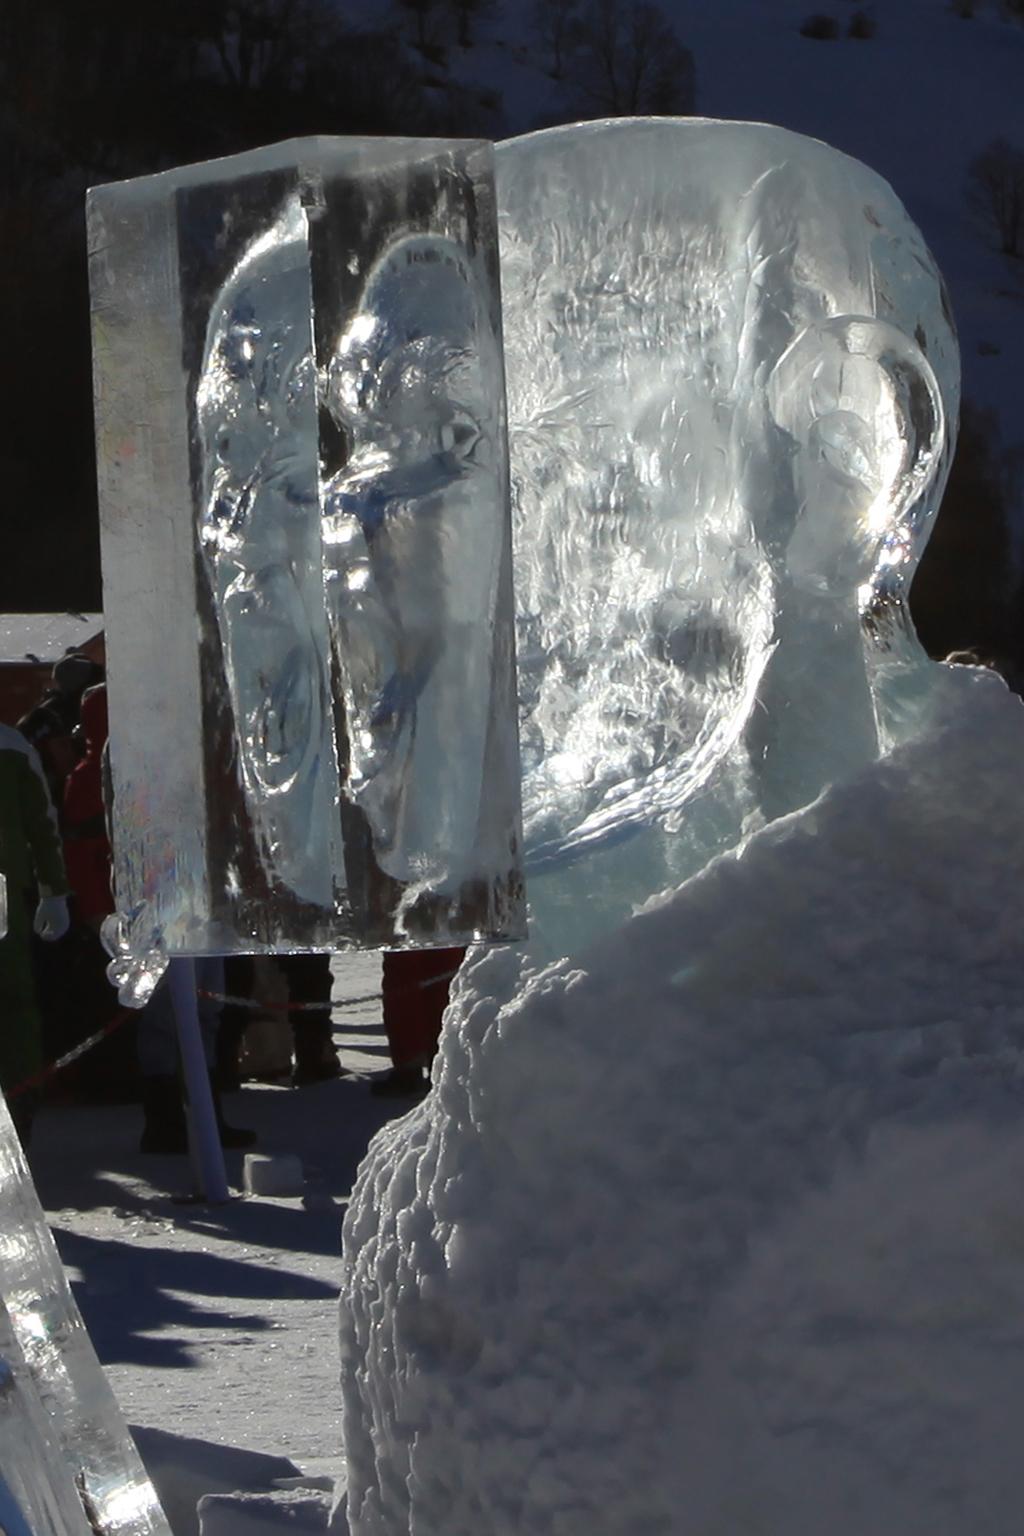 photo de la sculpture sur glace représentant une tête d'homme qui crie, son visage est pris dans un bloc de glace, mais on le voit par transparence. L'on peut voir le visage deux ou trois fois par reflet sur les différentes faces du cube.